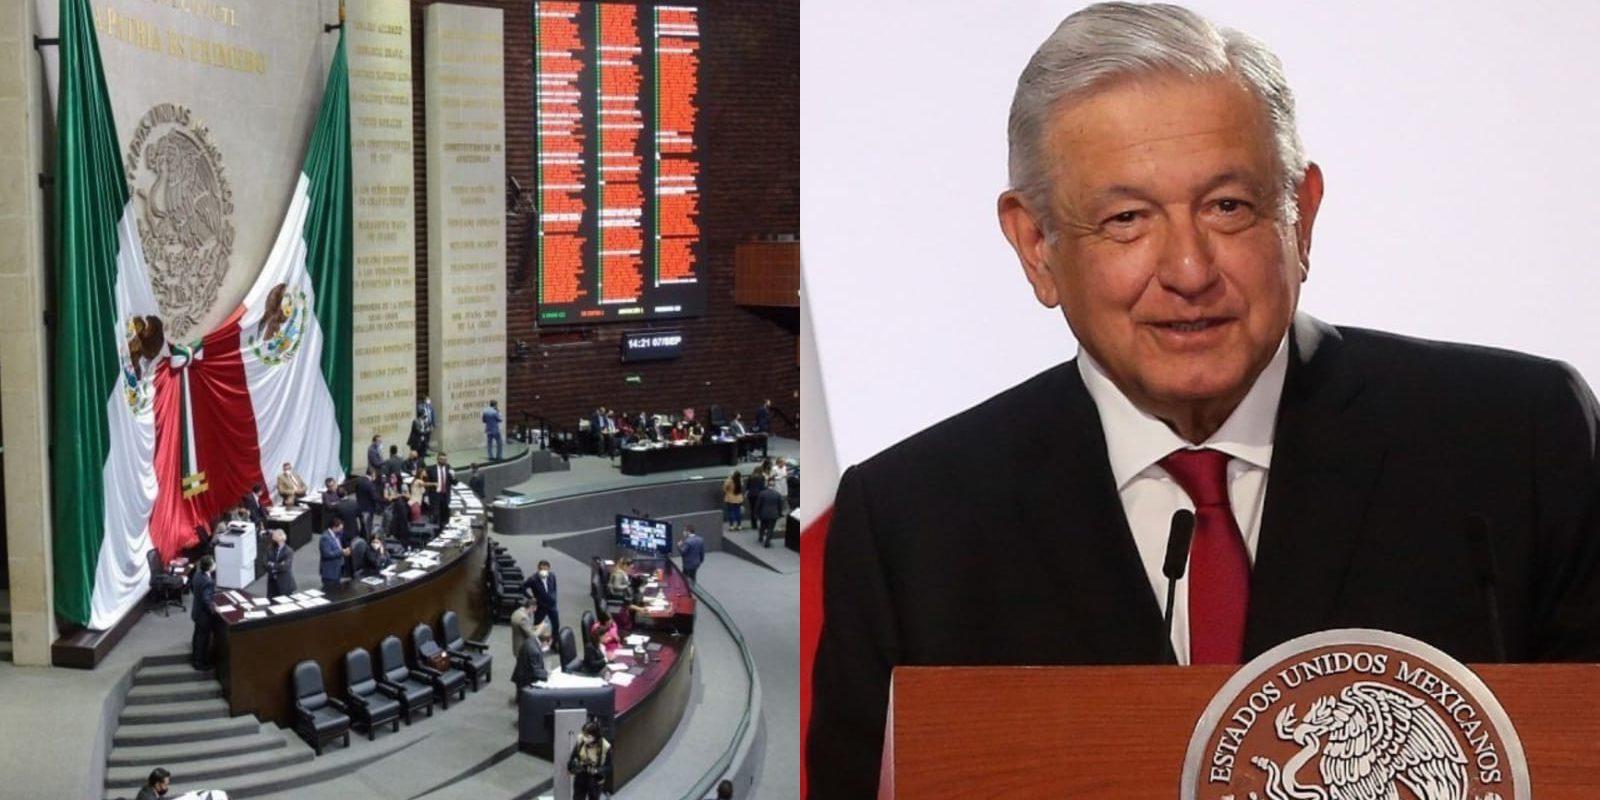 Aprueba Cámara de Diputados Ley de Revocación de Mandato a partir de la 'pérdida de confianza'